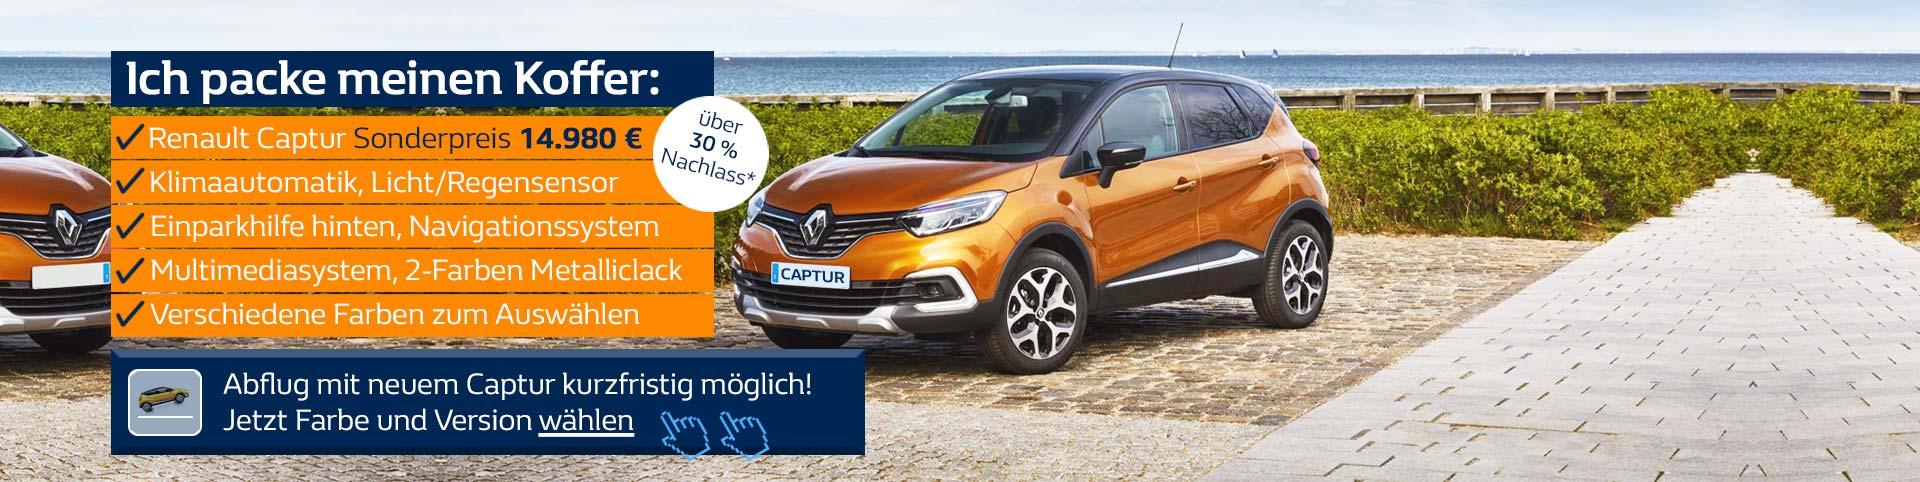 Renault Captur Angebot mit Gewinnspiel